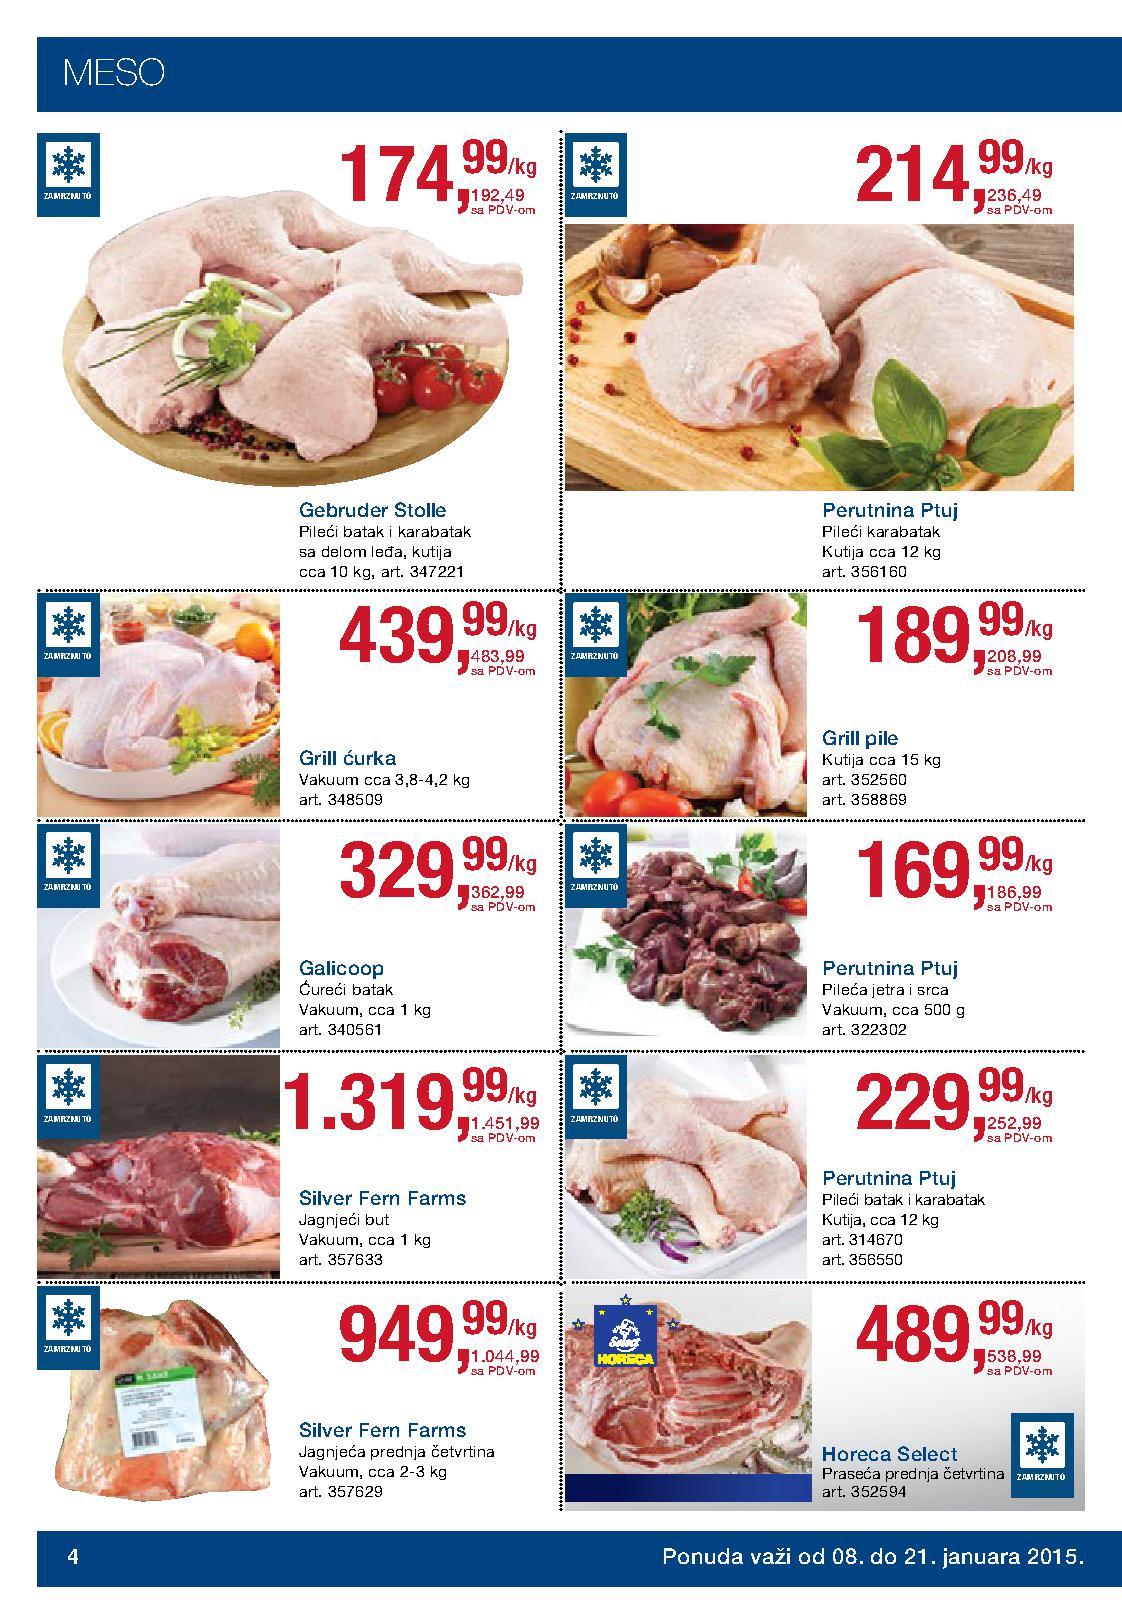 Metro akcija praznične cene prehrane